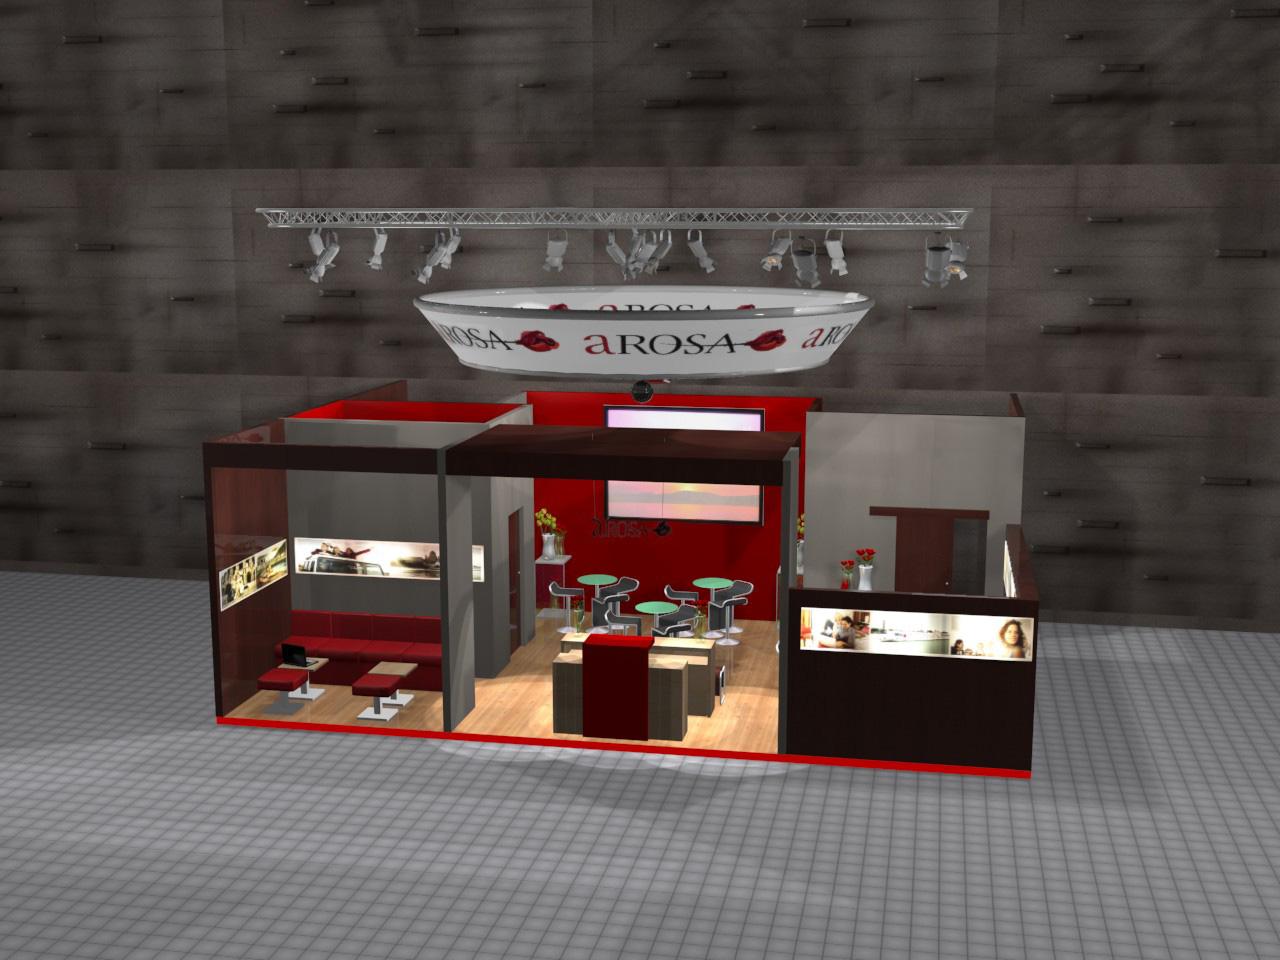 VMS Arosa 2012 2.8.2